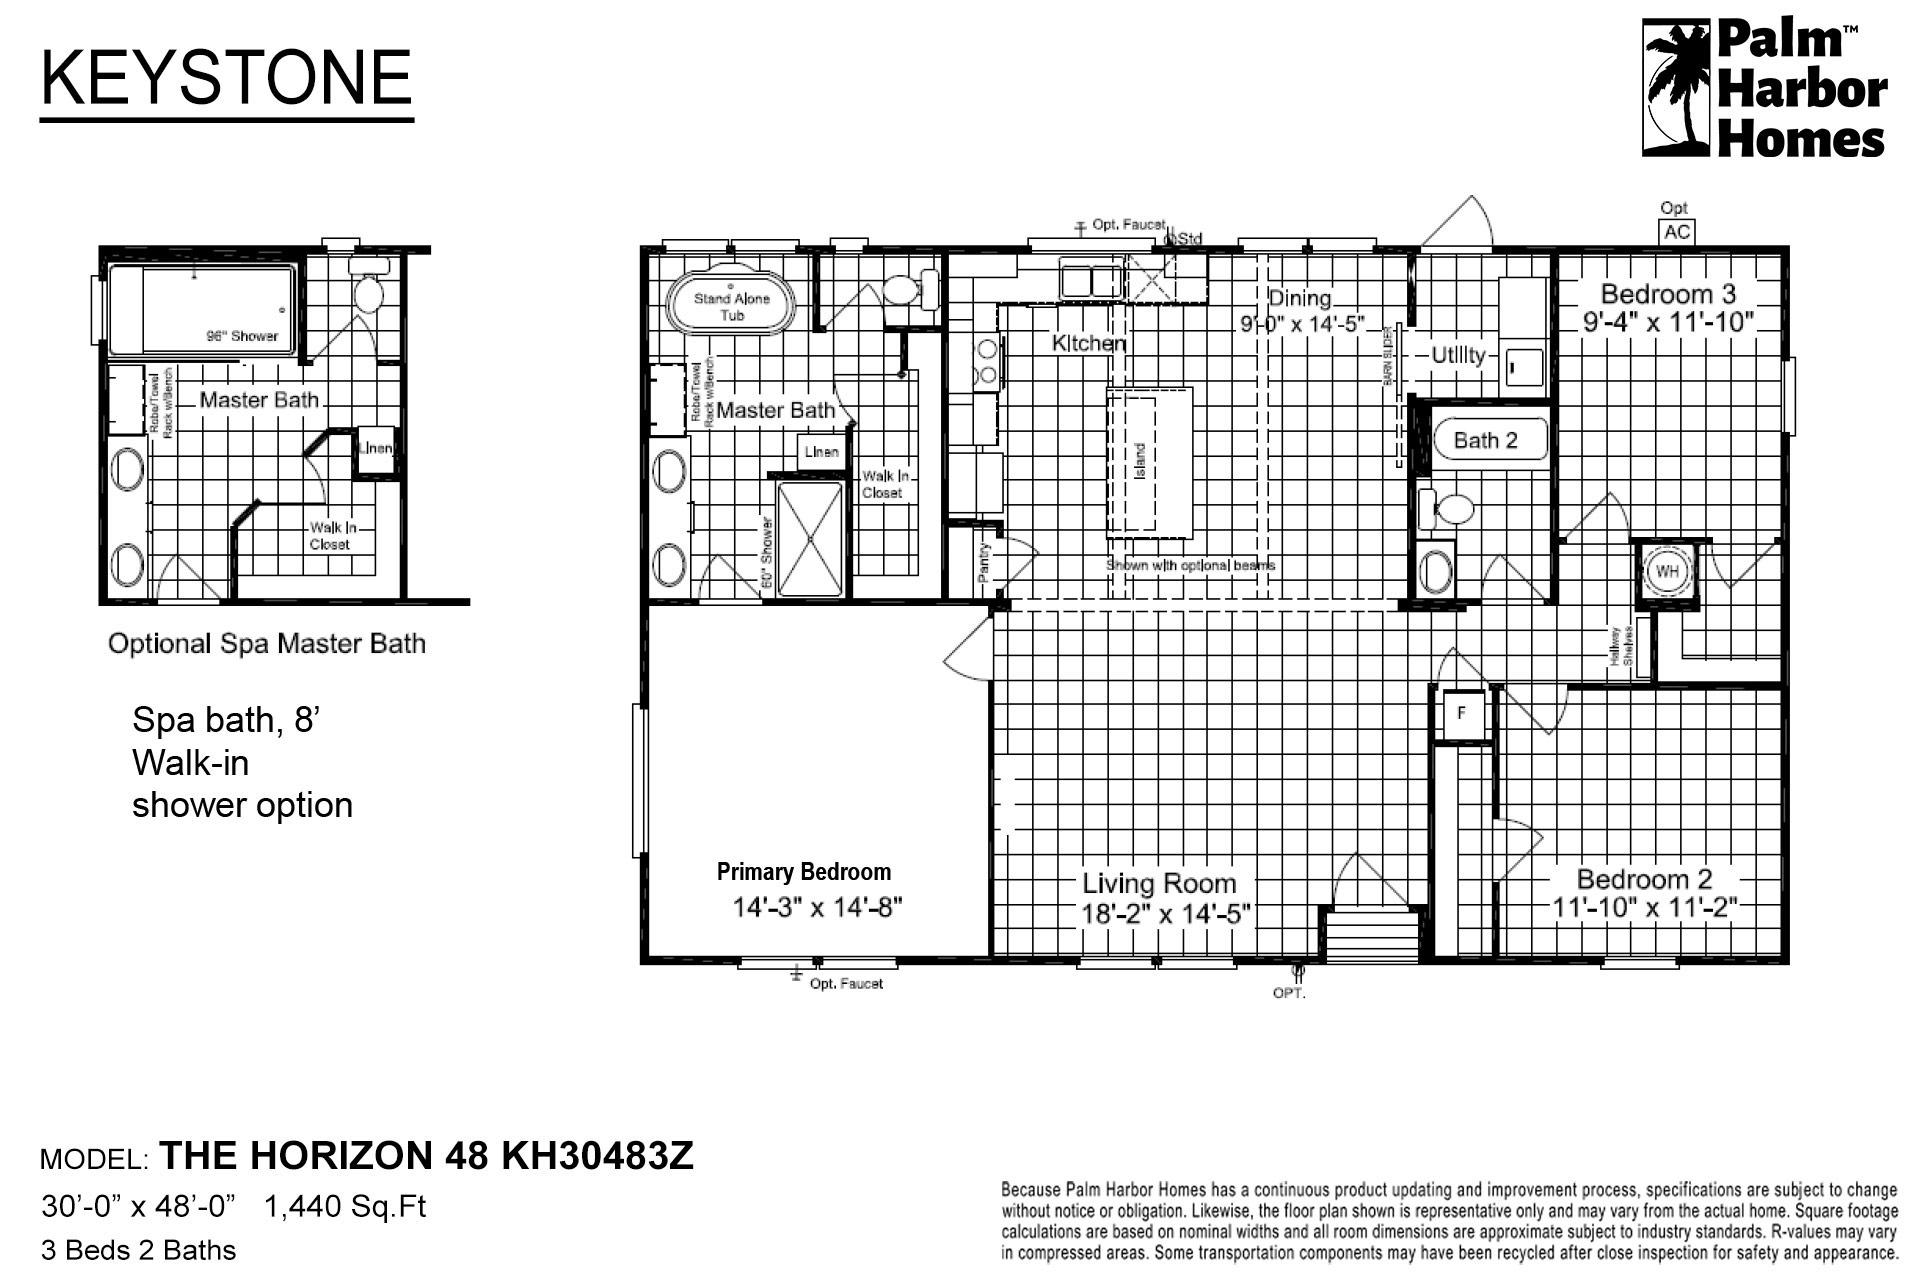 Keystone The Horizon 48 KH30483Z Layout